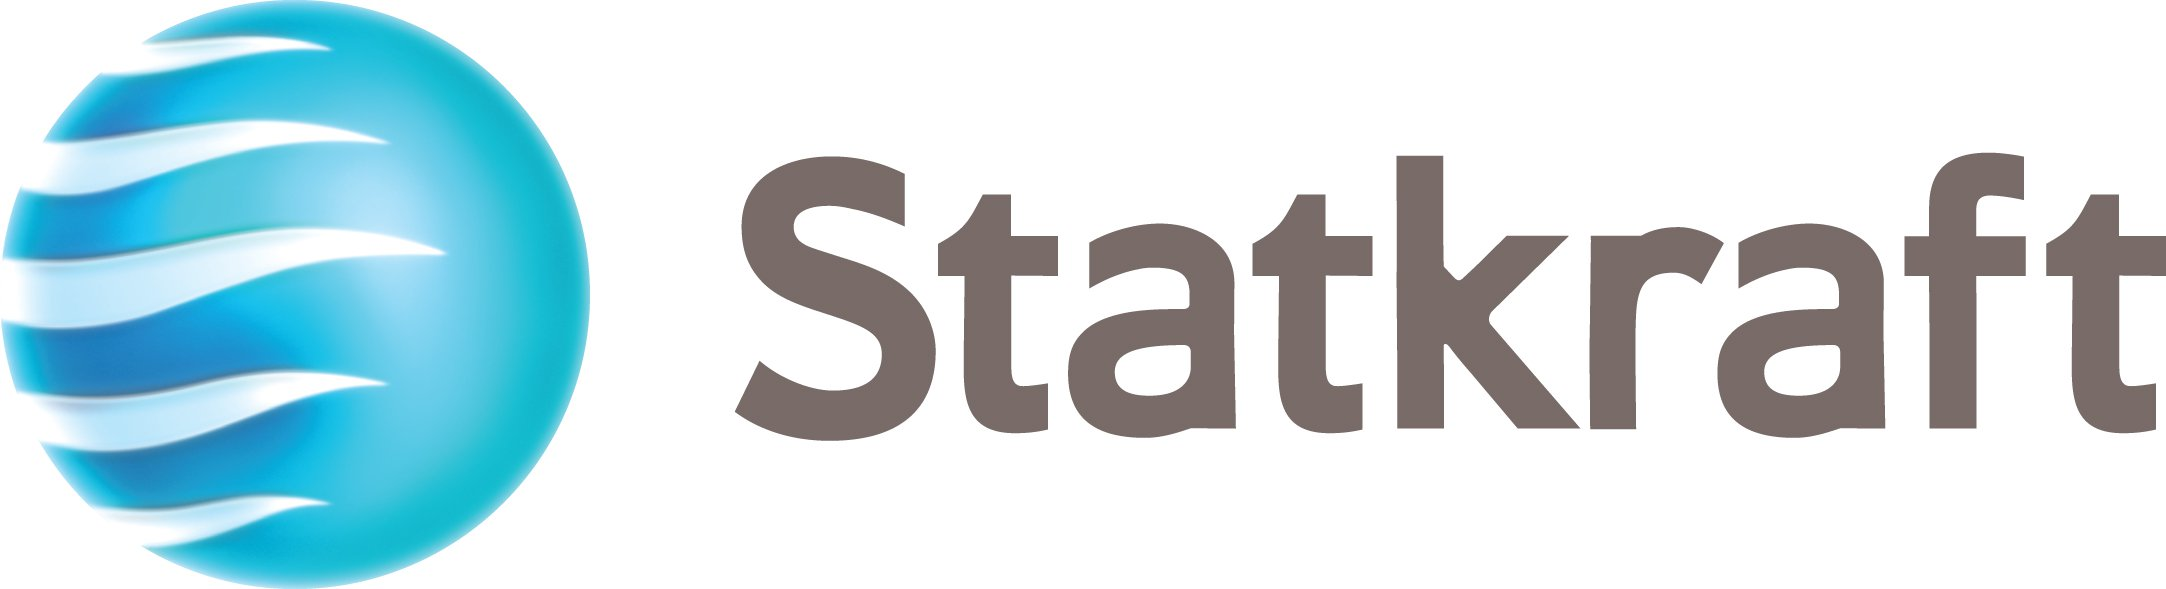 Statkraft